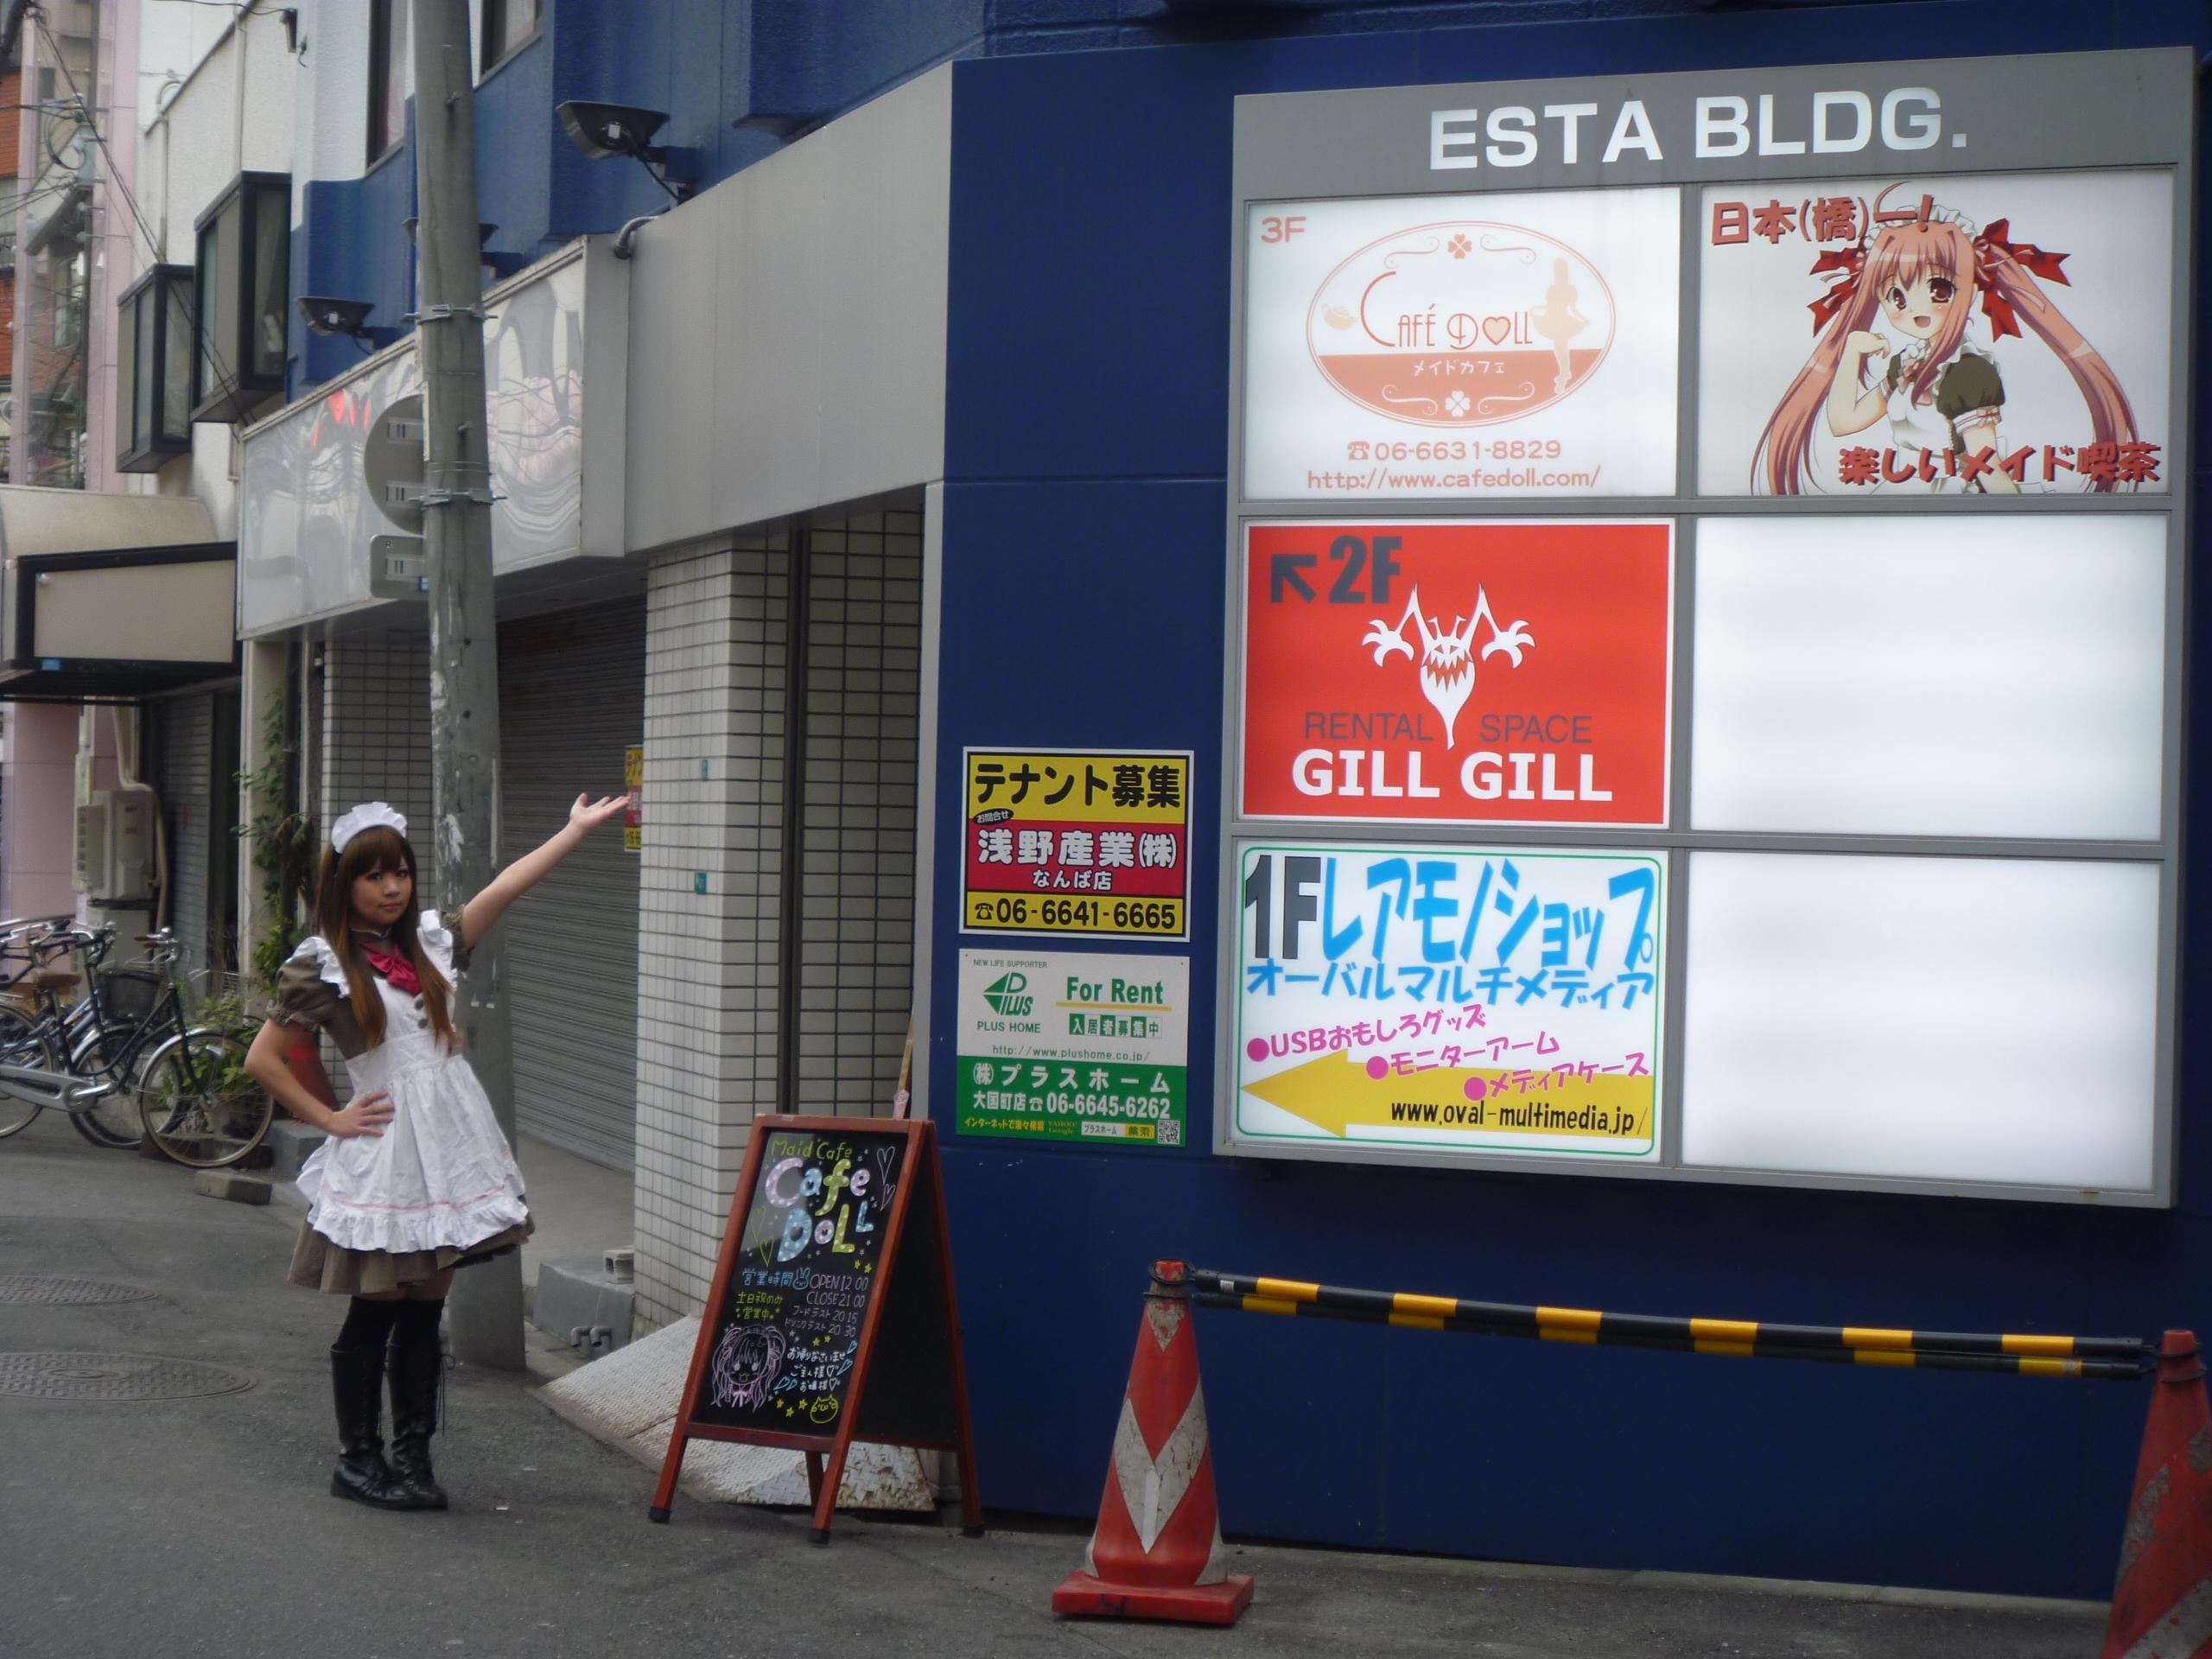 メイドカフェ「カフェドール」が突然の閉店発表